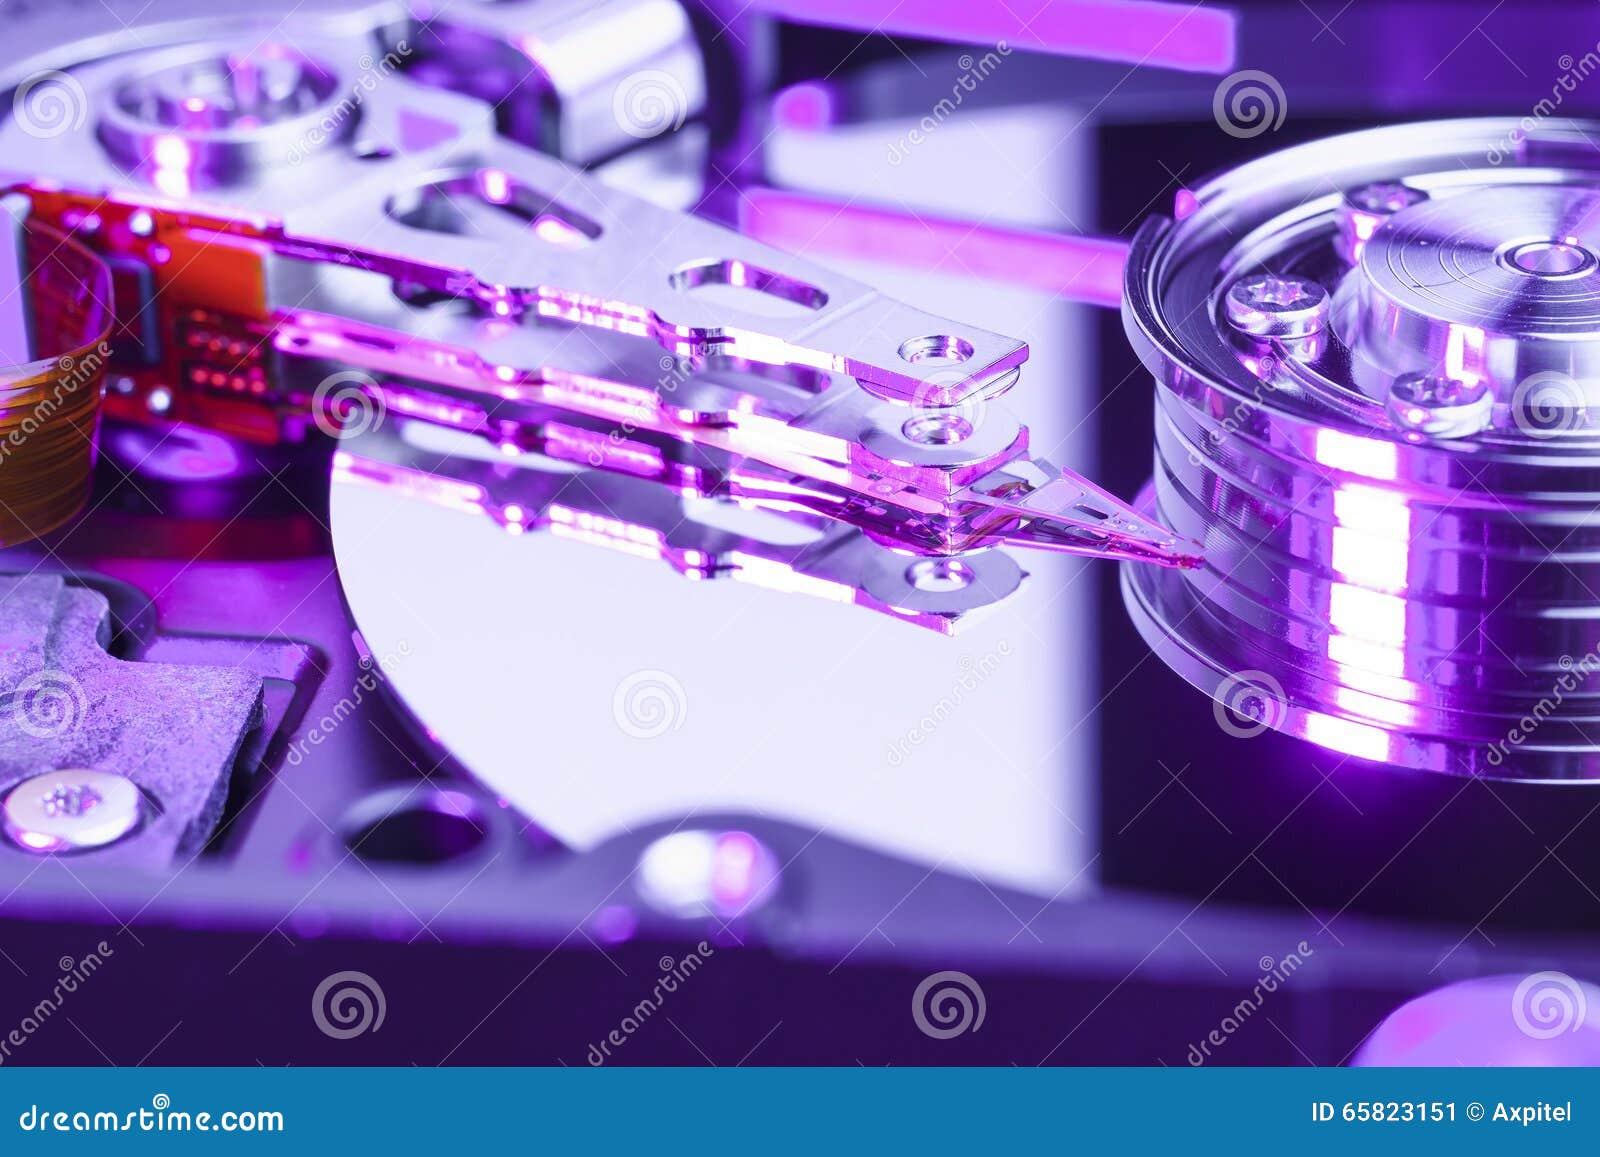 Sluit omhoog van een aandrijving van de computerharde schijf